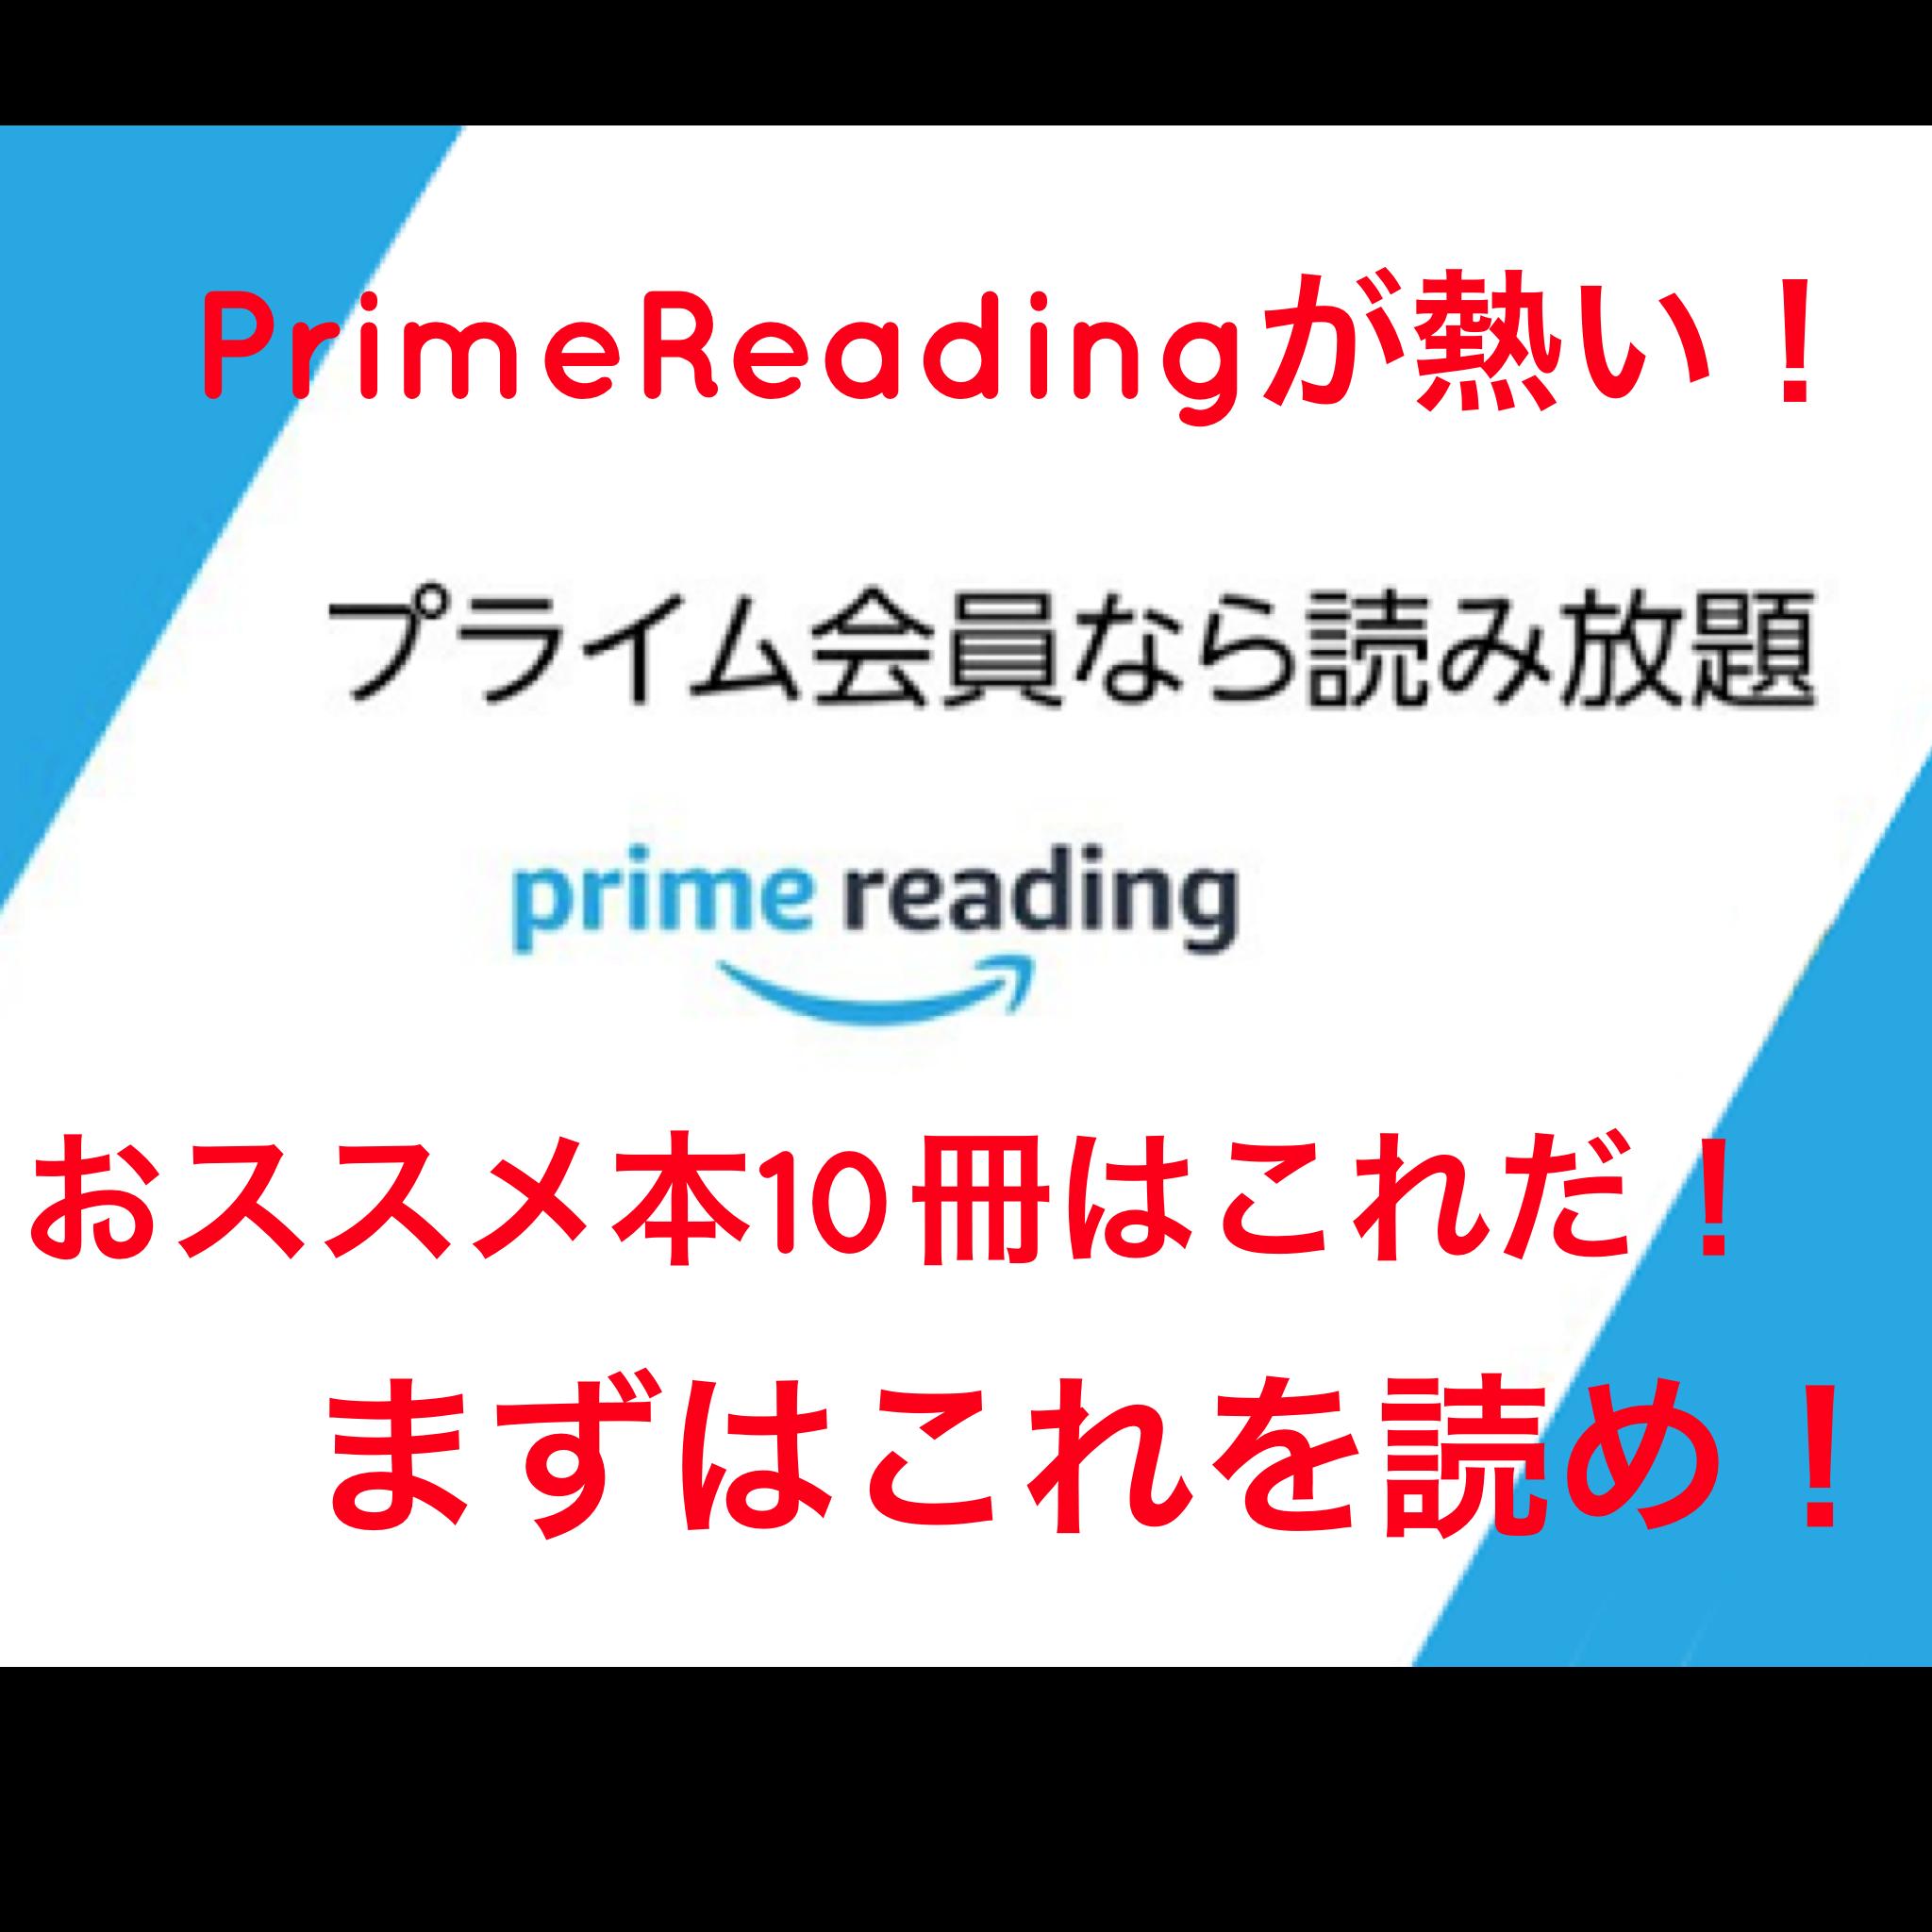 PrimeReading おすすめ本 電子書籍